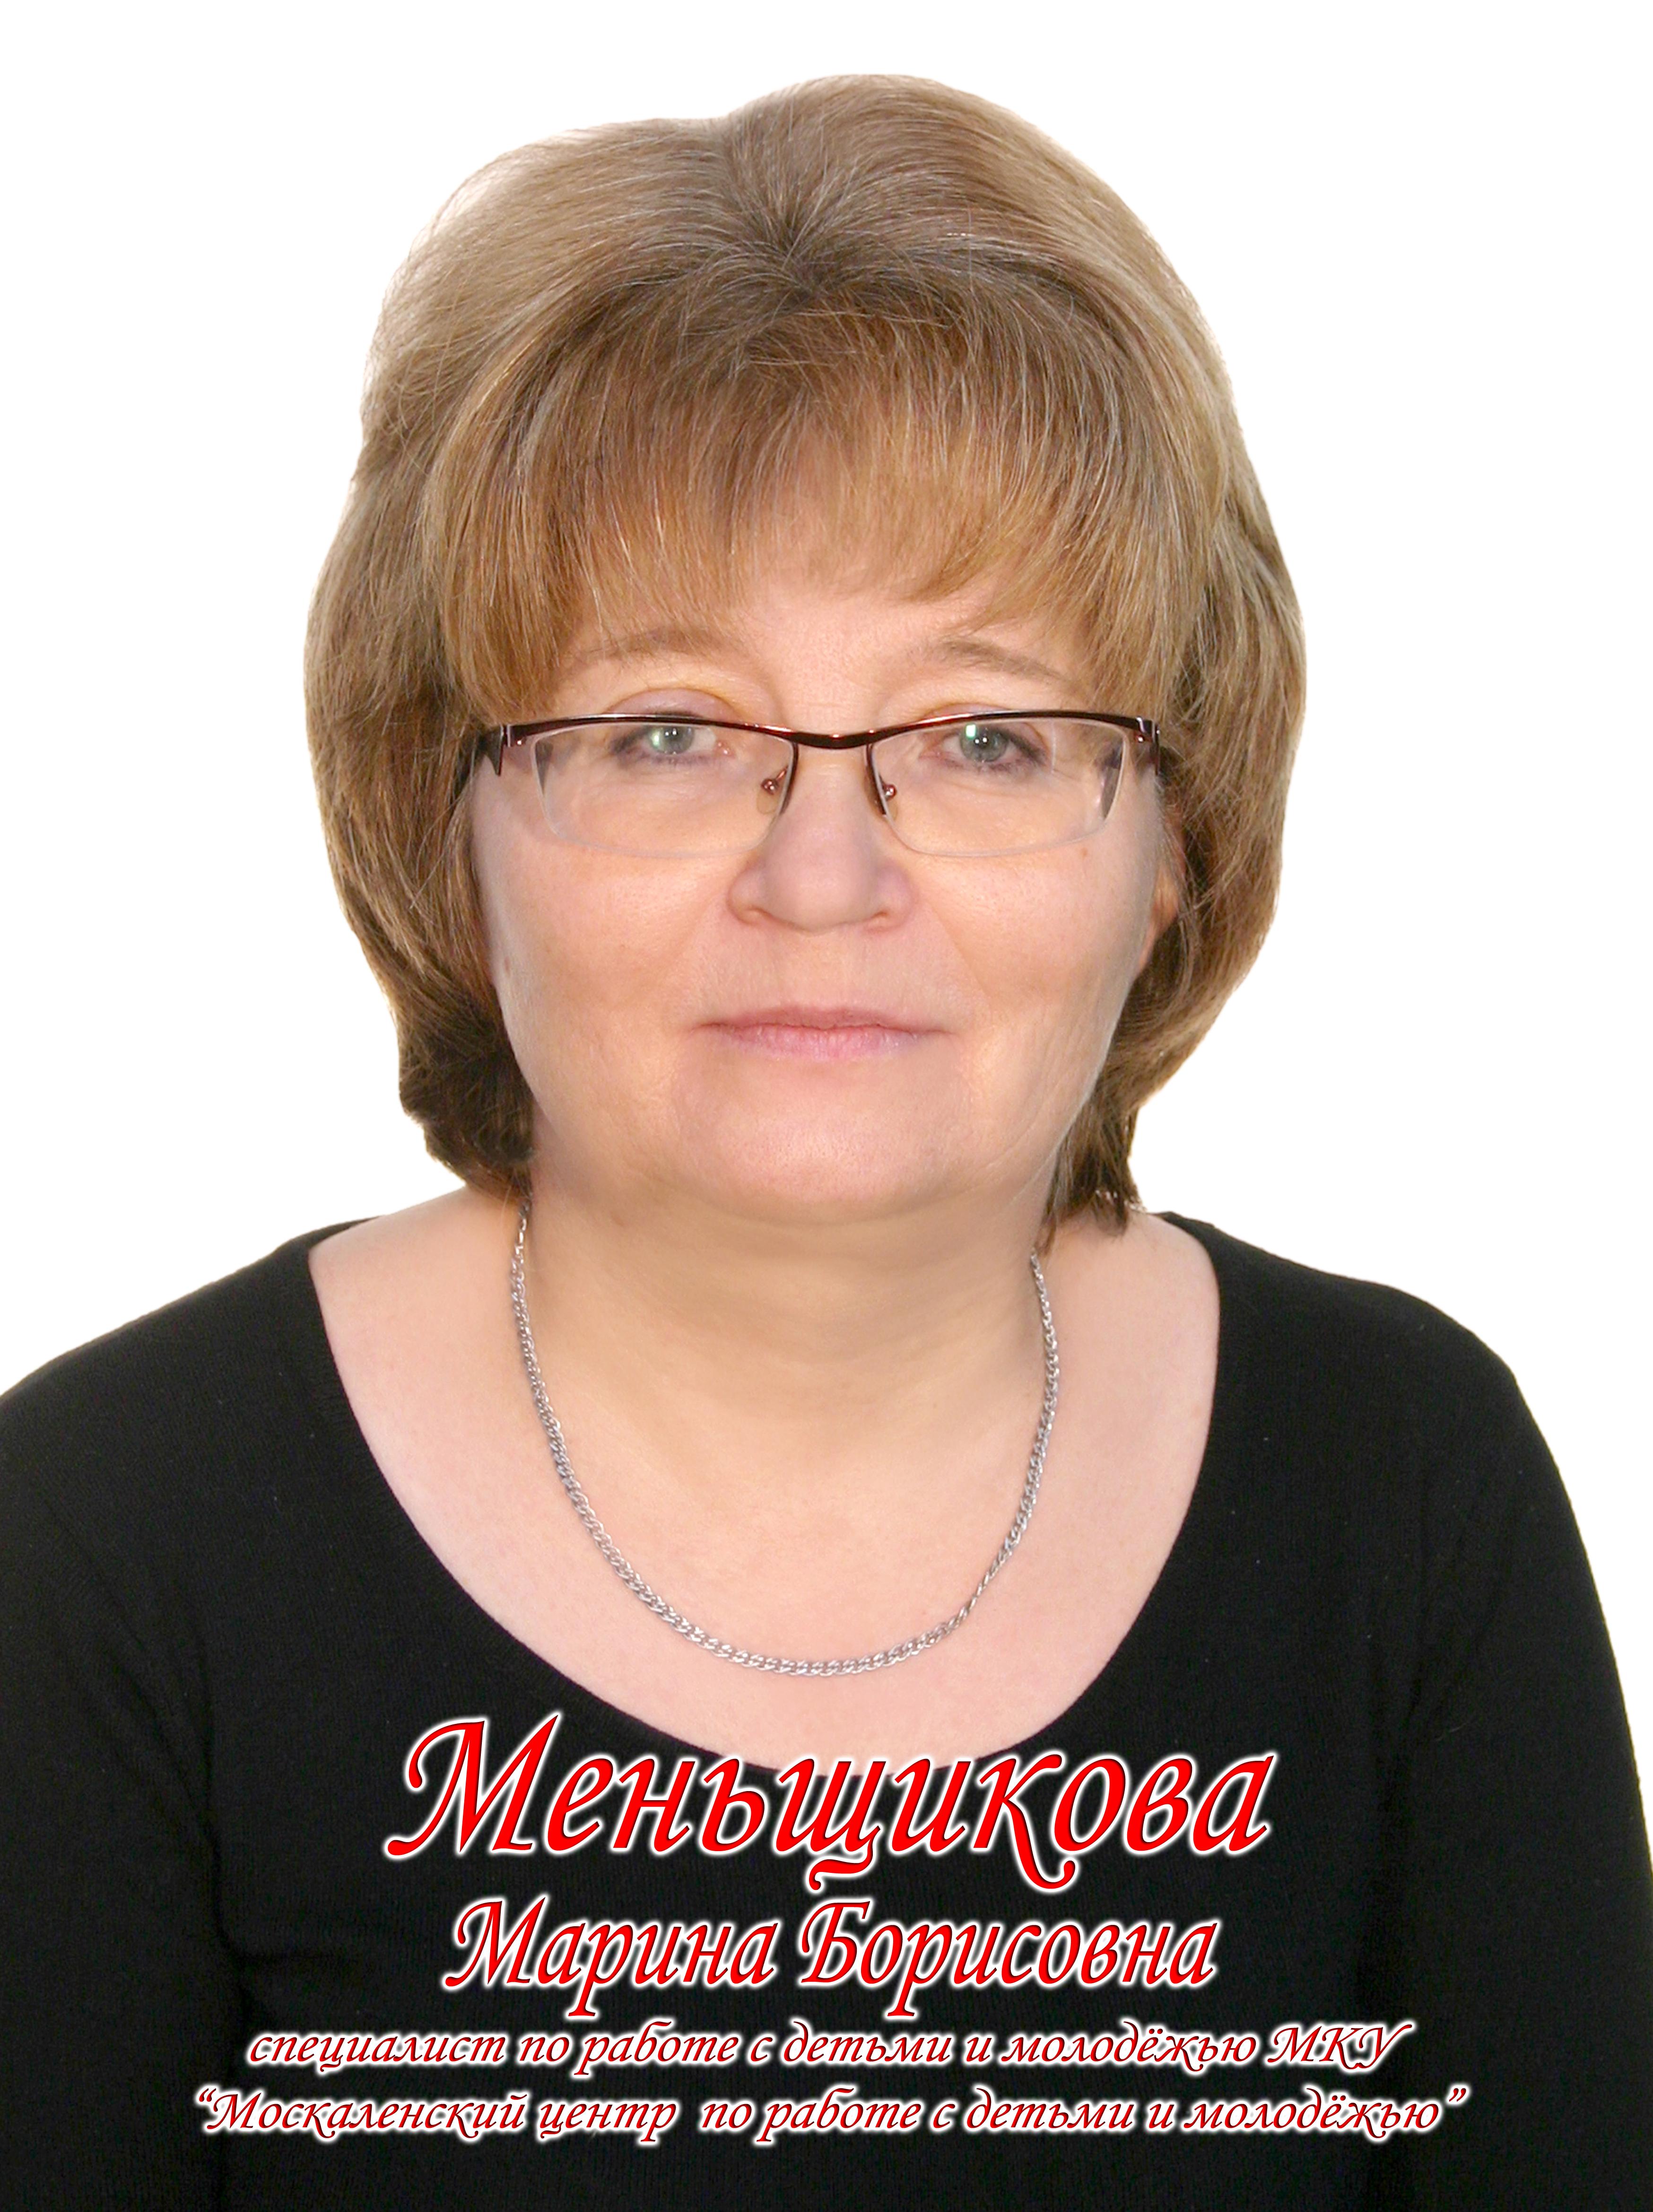 Меньщикова